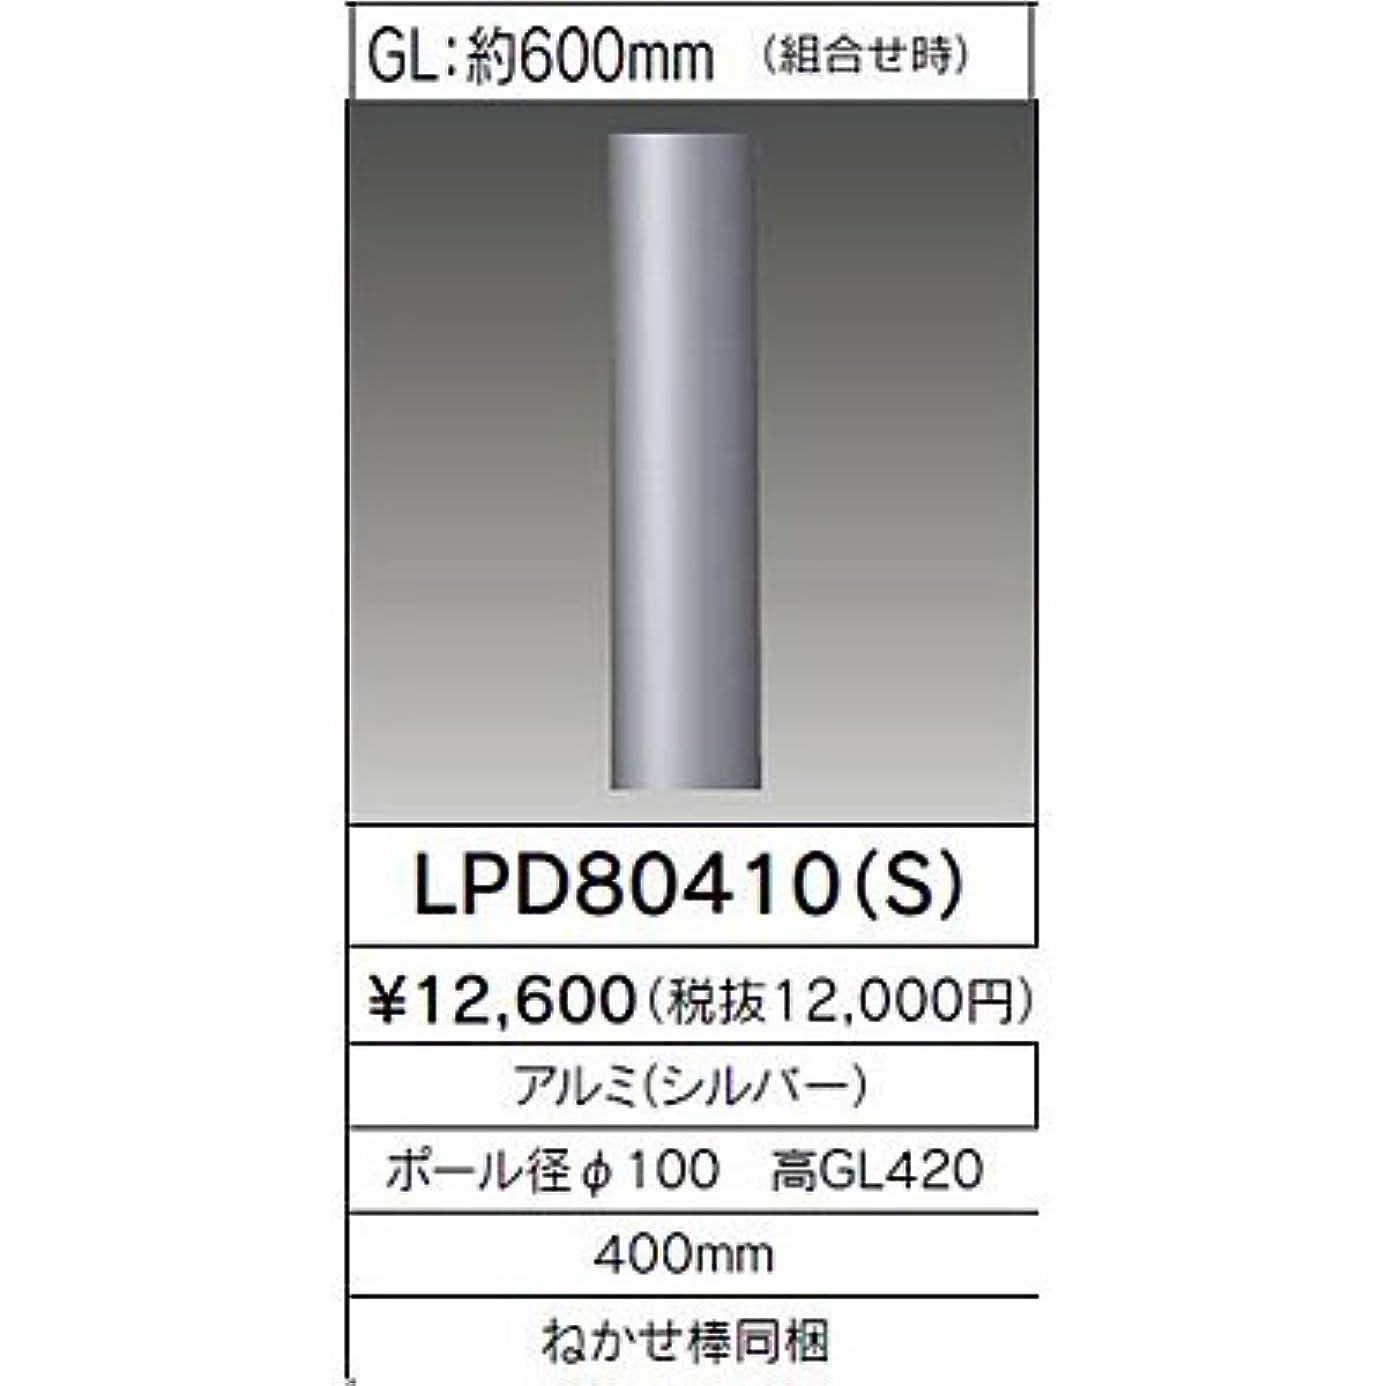 考古学的な舌霧タカショー LIT-03C 2in1専用3分岐コード 60531600